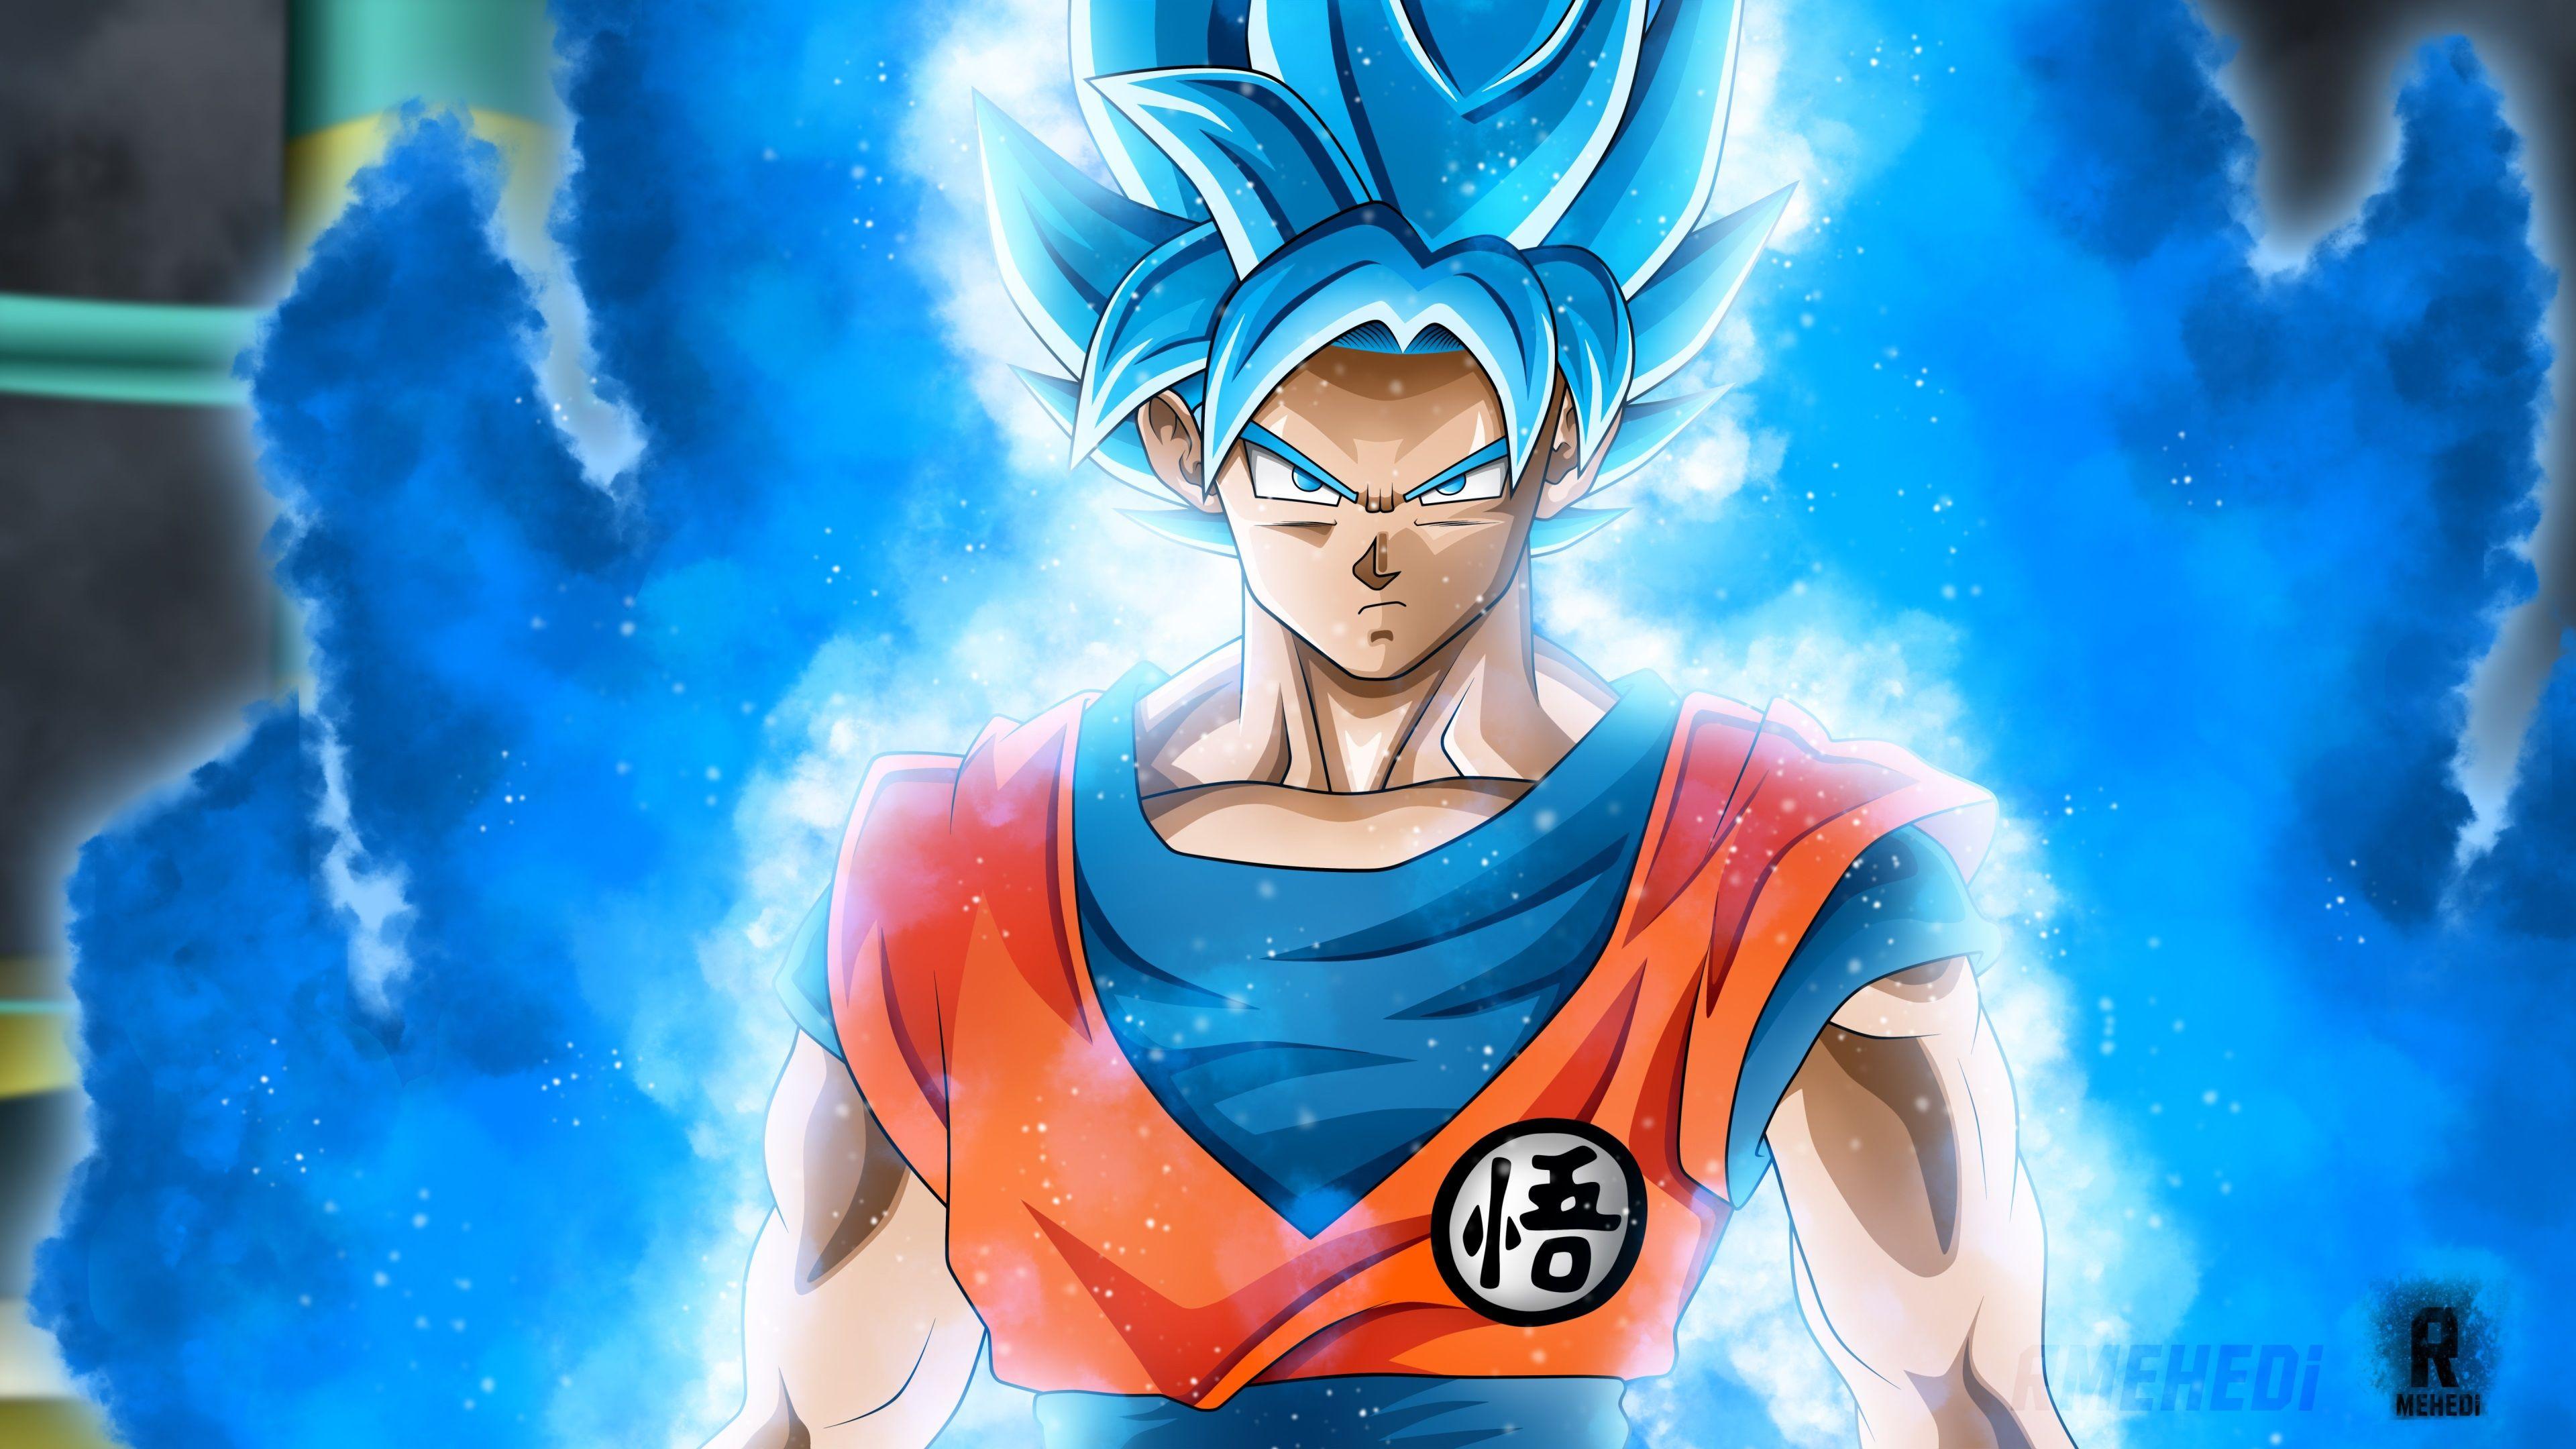 Hình nền Dragon Ball rất đẹp Songoku tóc xanh